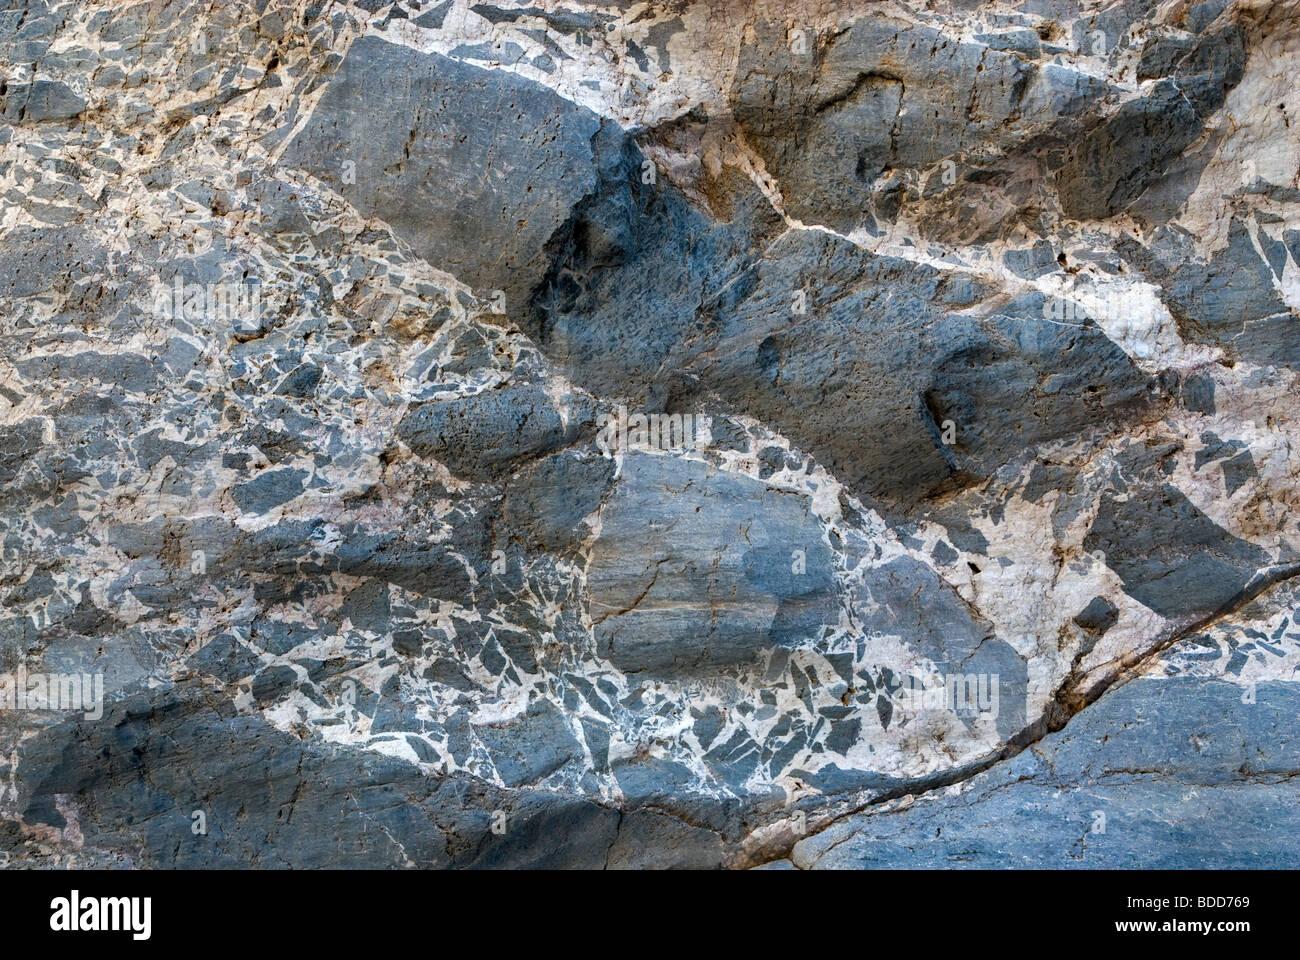 Patrones en las paredes de roca caliza en el estrecho de Titus Canyon, el Parque Nacional Valle de la Muerte, California, EE.UU. Foto de stock